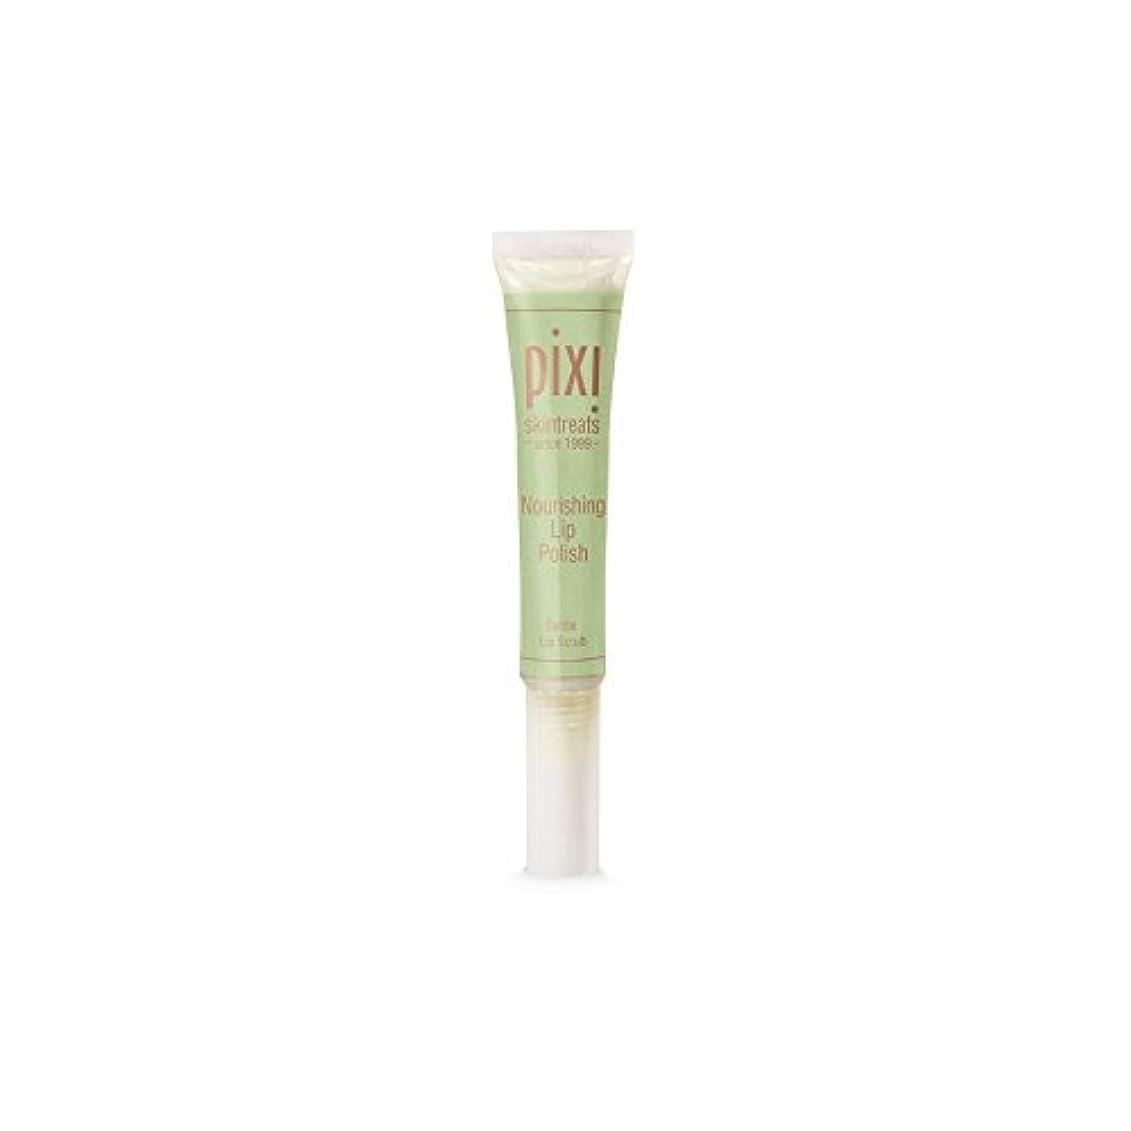 詩人広い虚弱Pixi Nourishing Lip Polish (Pack of 6) - 栄養リップポリッシュ x6 [並行輸入品]